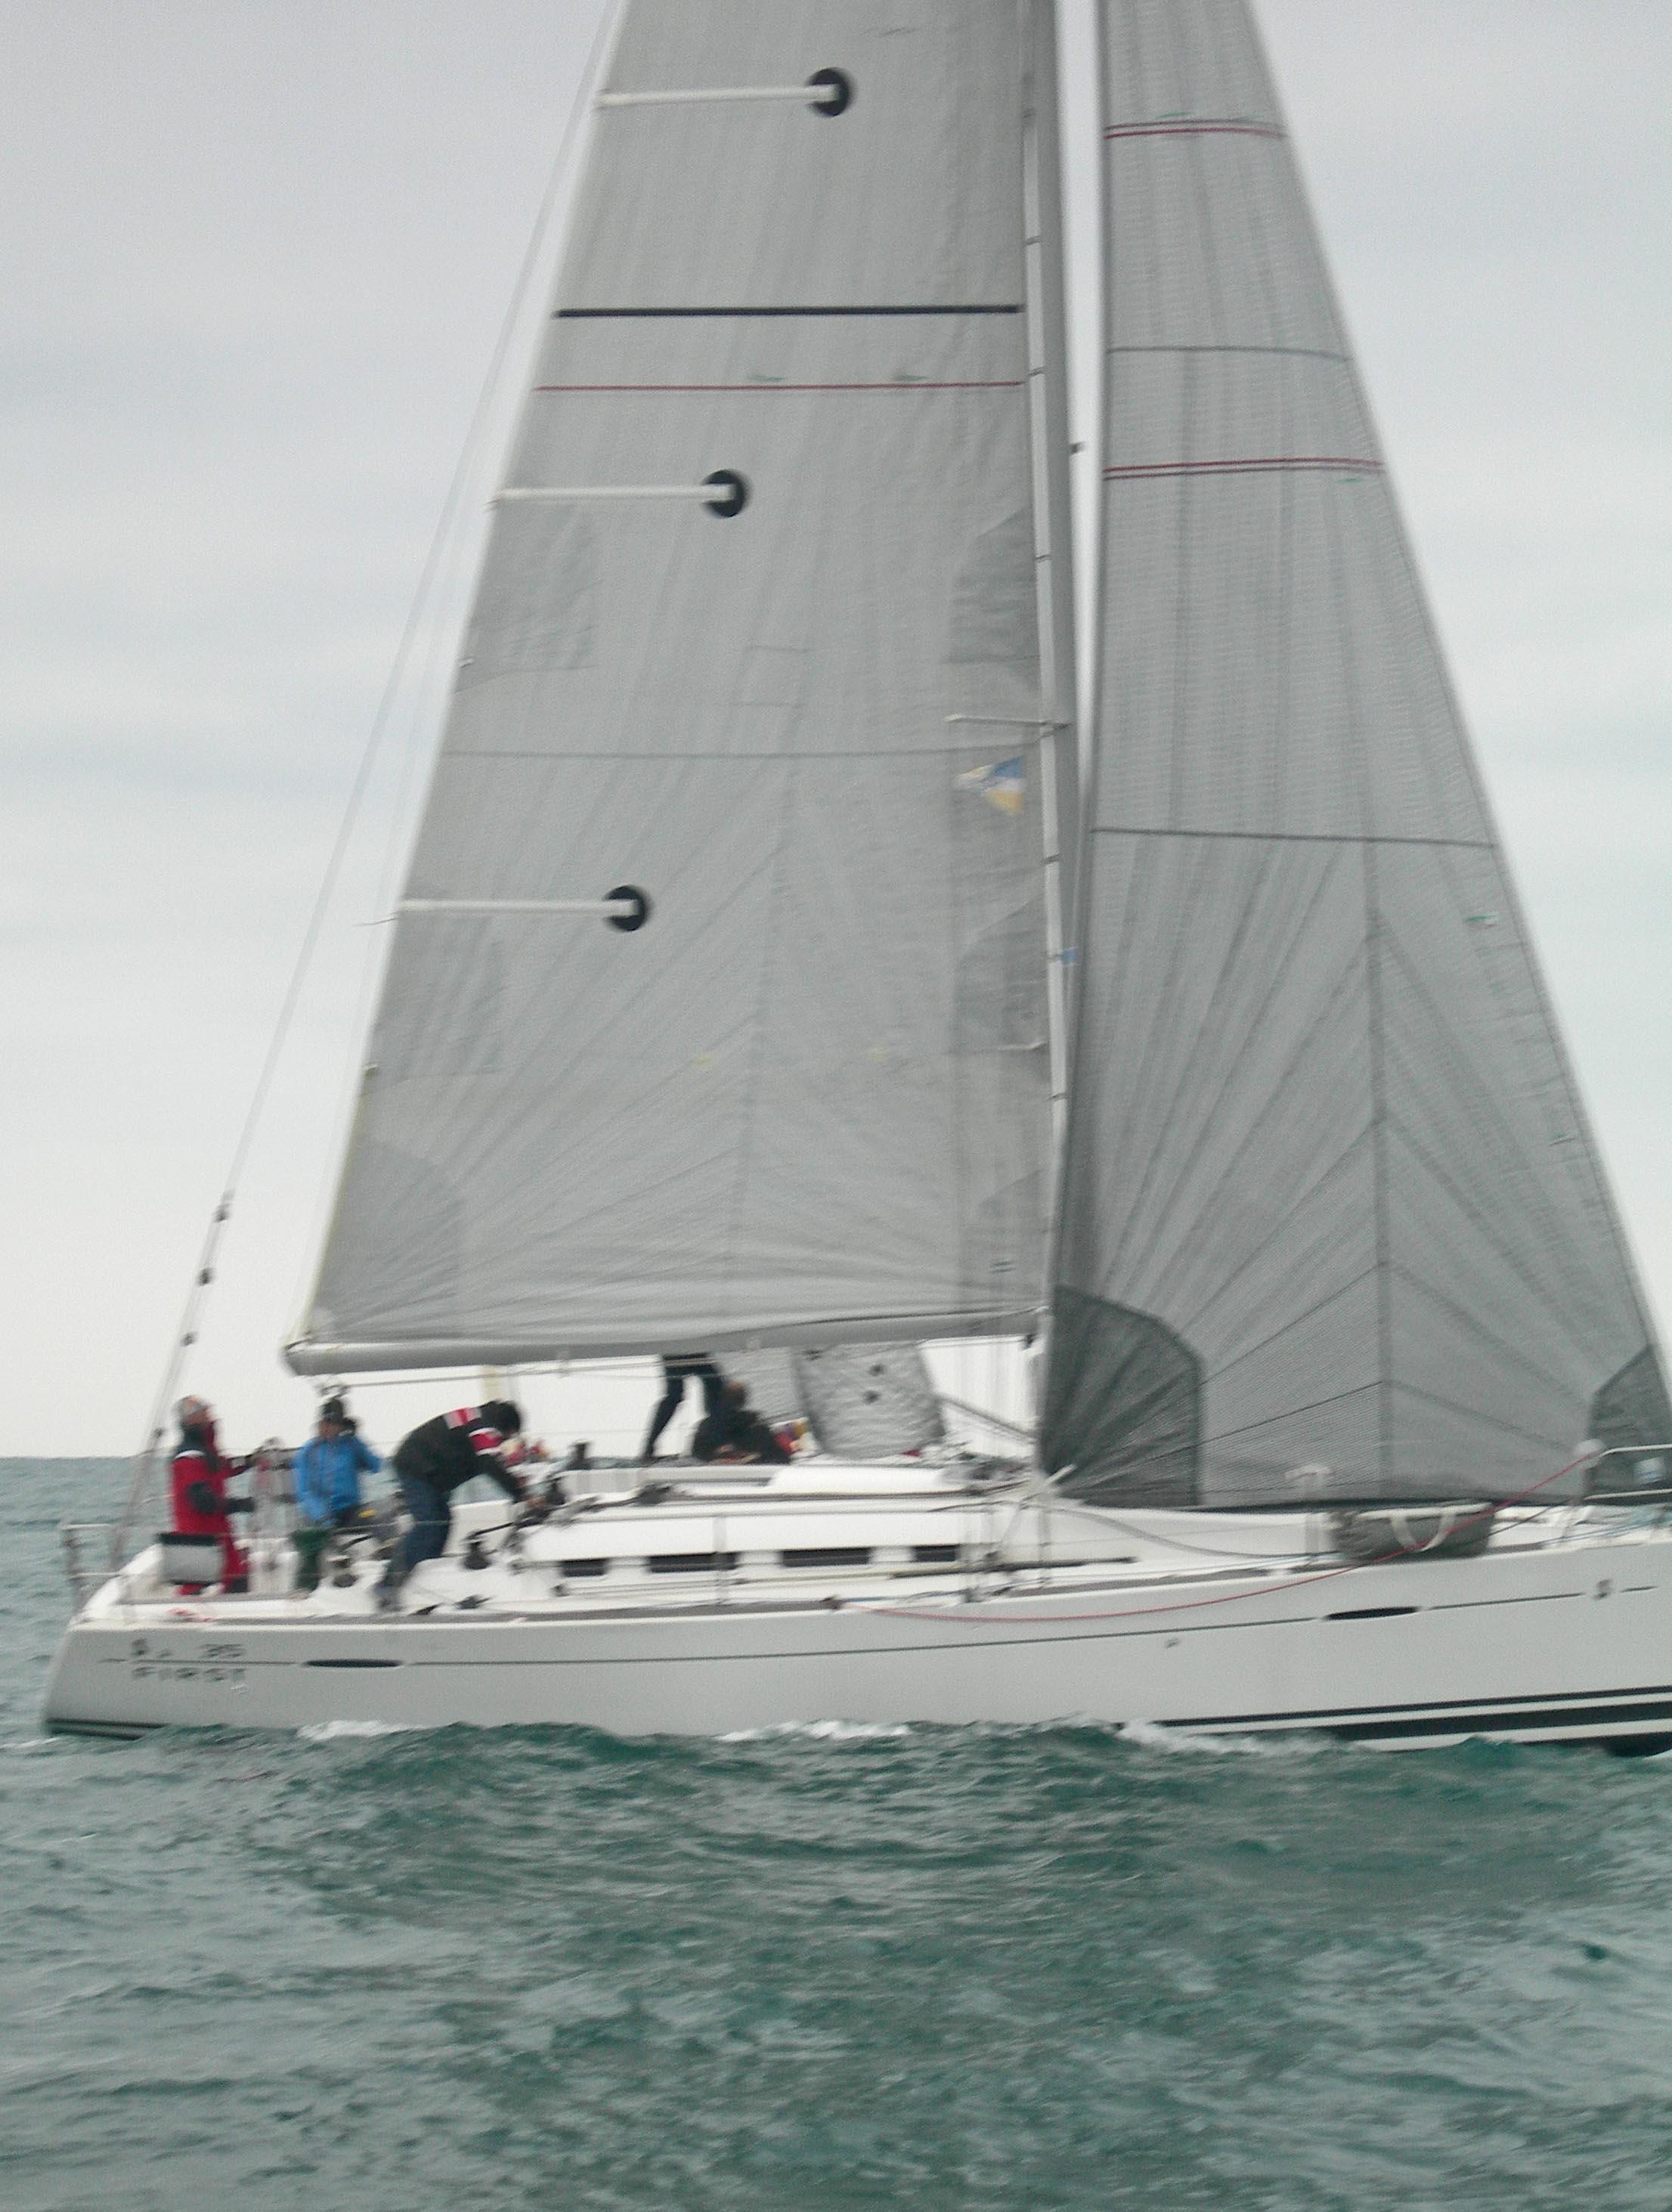 DSCN3546